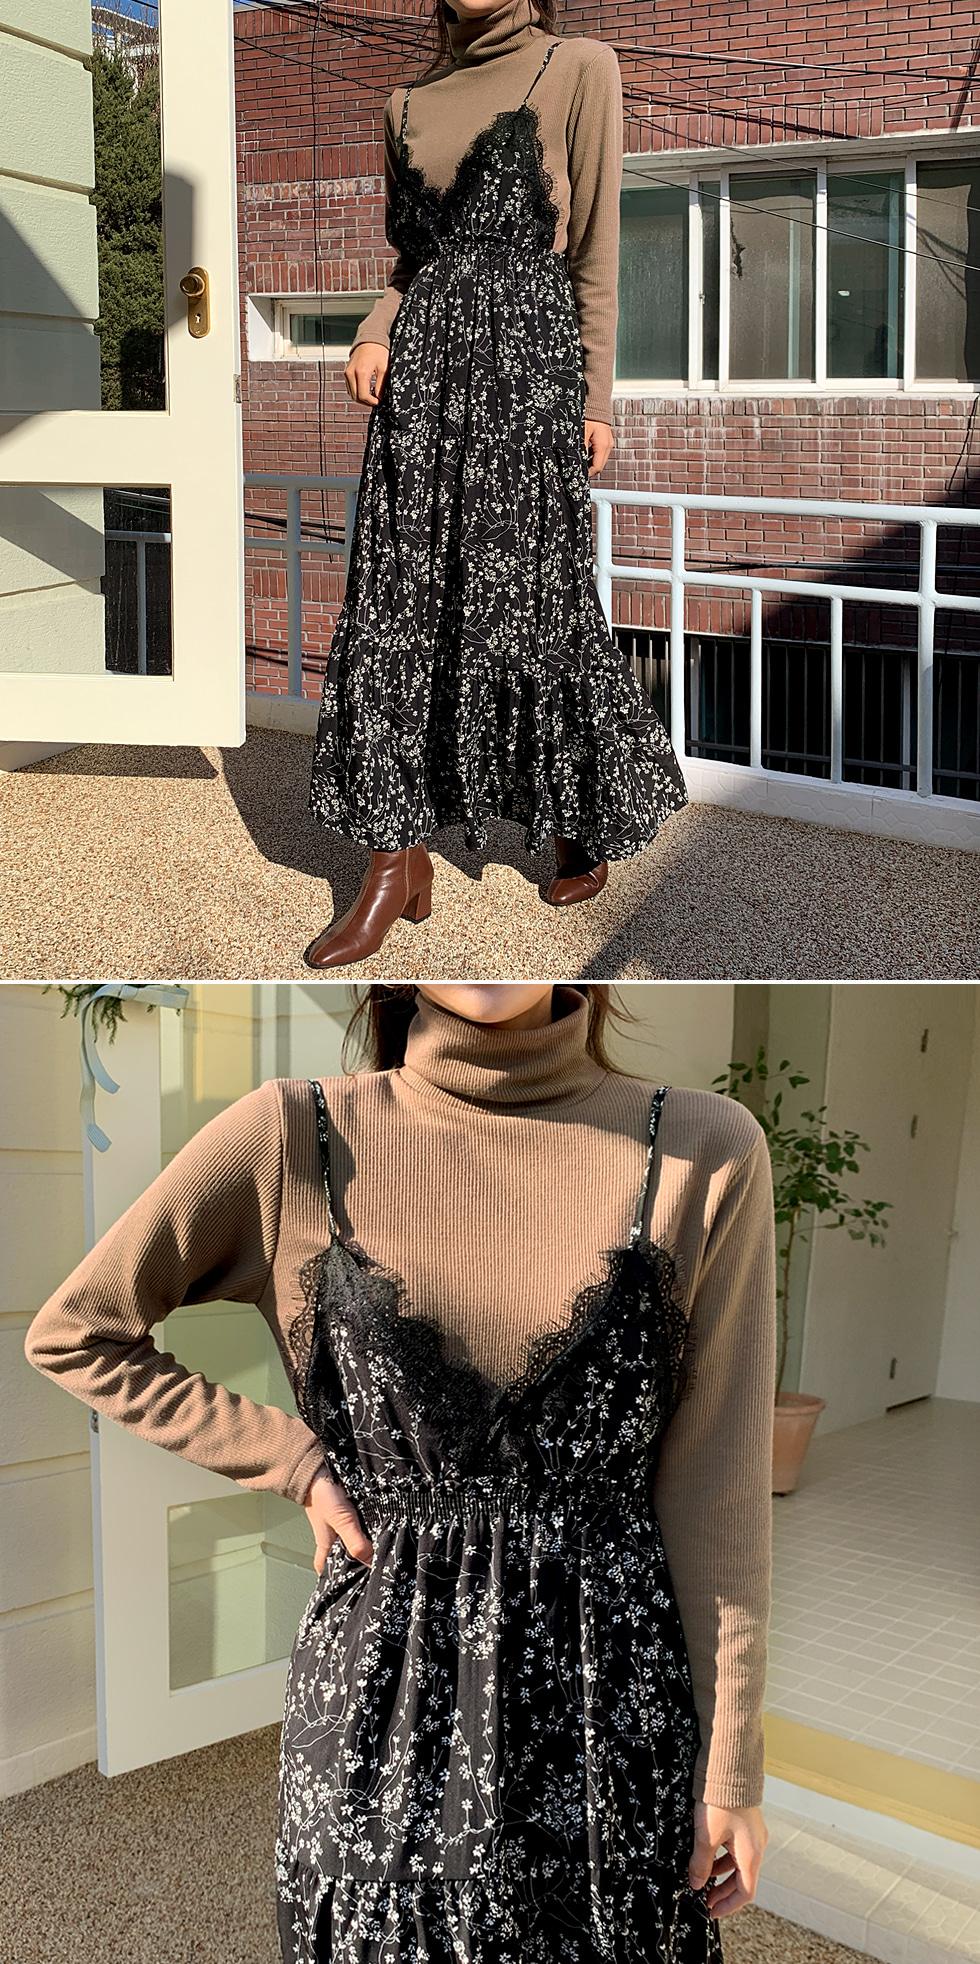 Chloe Lace Flower Dress